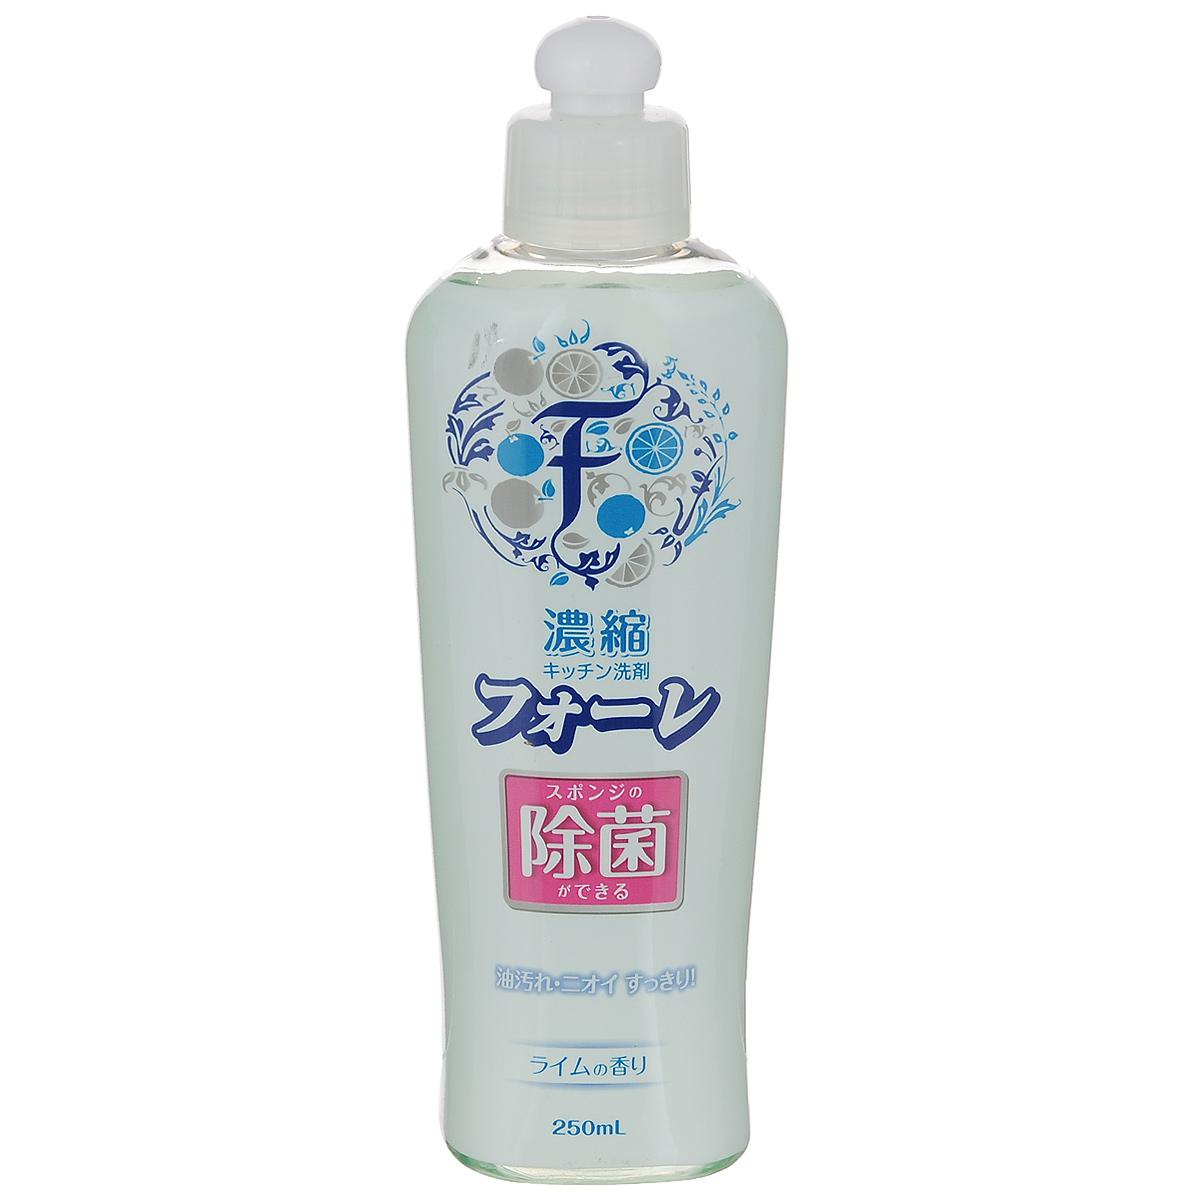 Средство для мытья посуды Kaneyo Faure, антибактериальное, лайм, 250 мл71514, 201026Средство Kaneyo Faure предназначено для мытья посуды, кухонной утвари и дезинфекции губок для мытья посуды. Имеет приятный аромат лайма. Эффективно очищает, обезжиривает и стерилизует посуду, удаляет масляные и прочие пищевые загрязнения. Обильная пена тщательно устраняет жир даже в холодной воде. Средство очень экономично, одной капли хватает на долго. Подходит для мытья овощей и фруктов. Мягко воздействует на кожу рук, не раздражая ее. Состав: ПАВ (30% натрий алкилбензолсульфонат), жирные кислоты алканоламид, полиоксиалкиленовые алкилэфира, стабилизатор. Товар сертифицирован. Размер бутылки: 19 см х 7 см х 4,5 см.